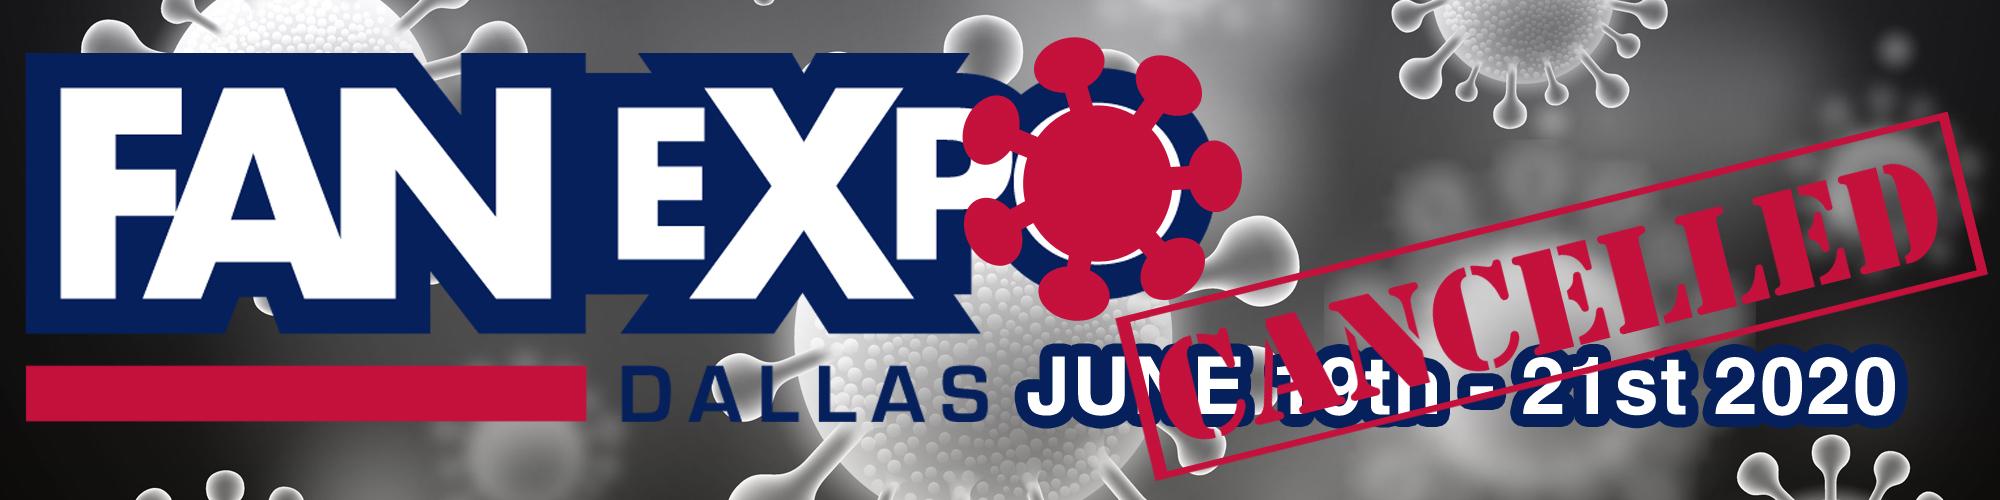 Coronavirus Cancels FanExpo Dallas